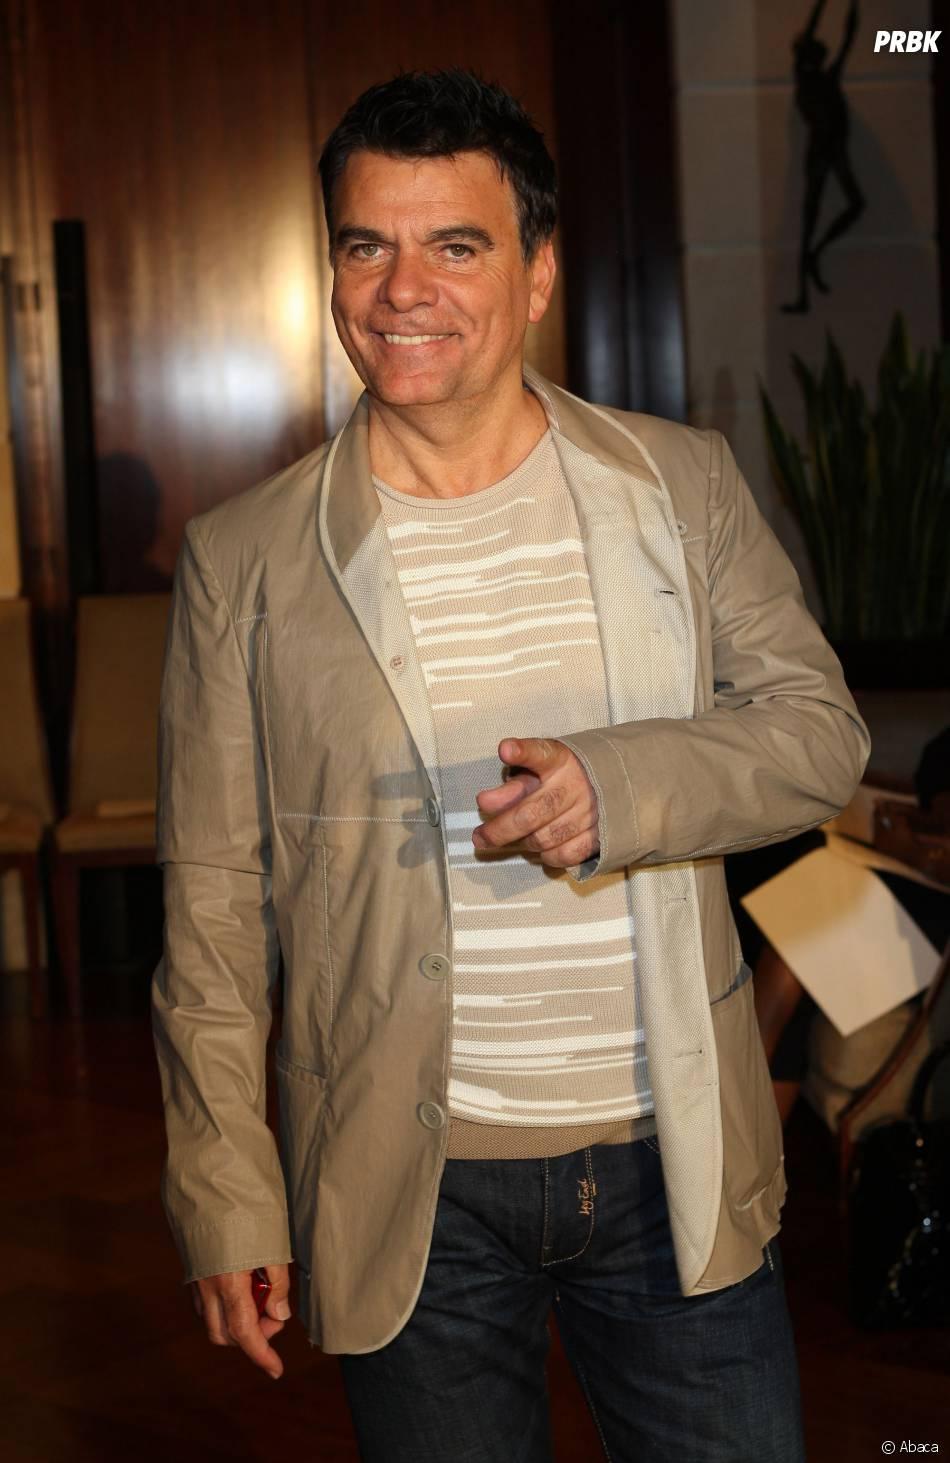 Génération mannequin 6 : Dominique Damien président du jury